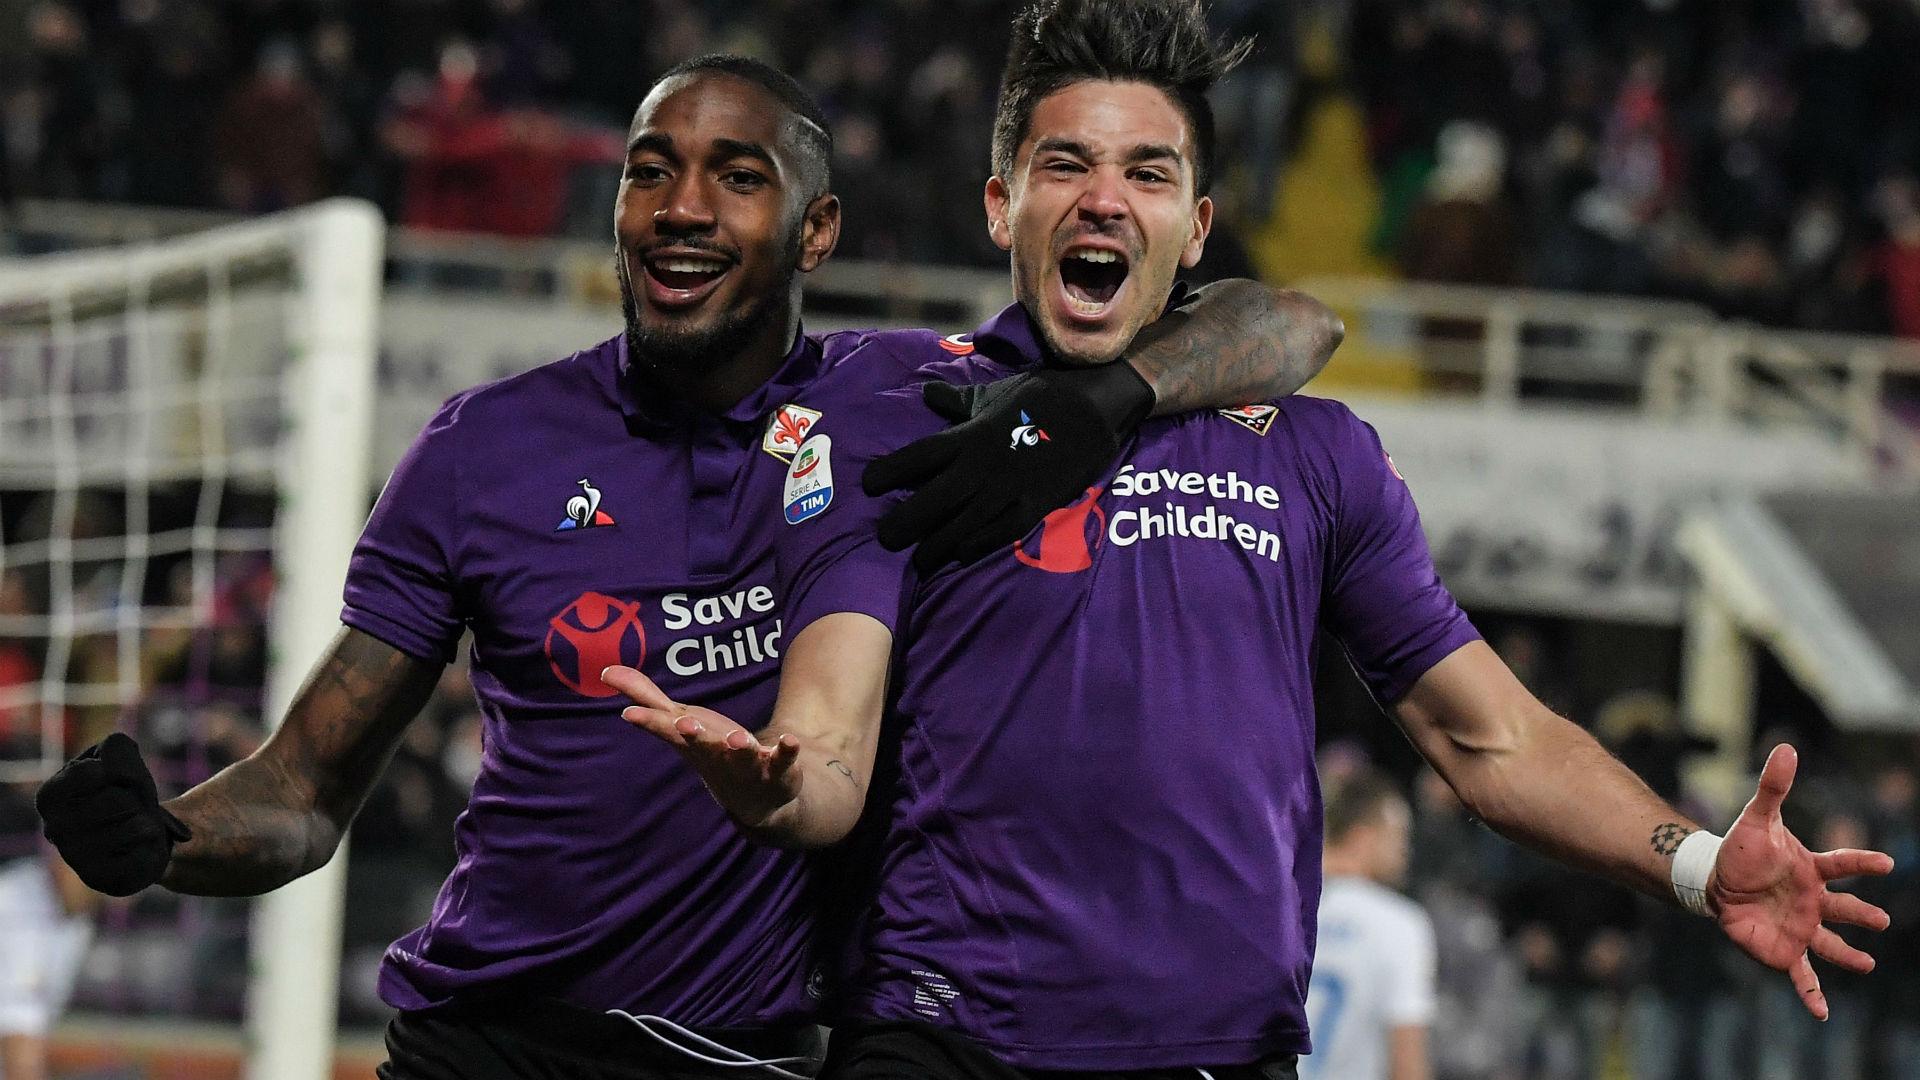 Il Var decide il pari tra Fiorentina e Inter